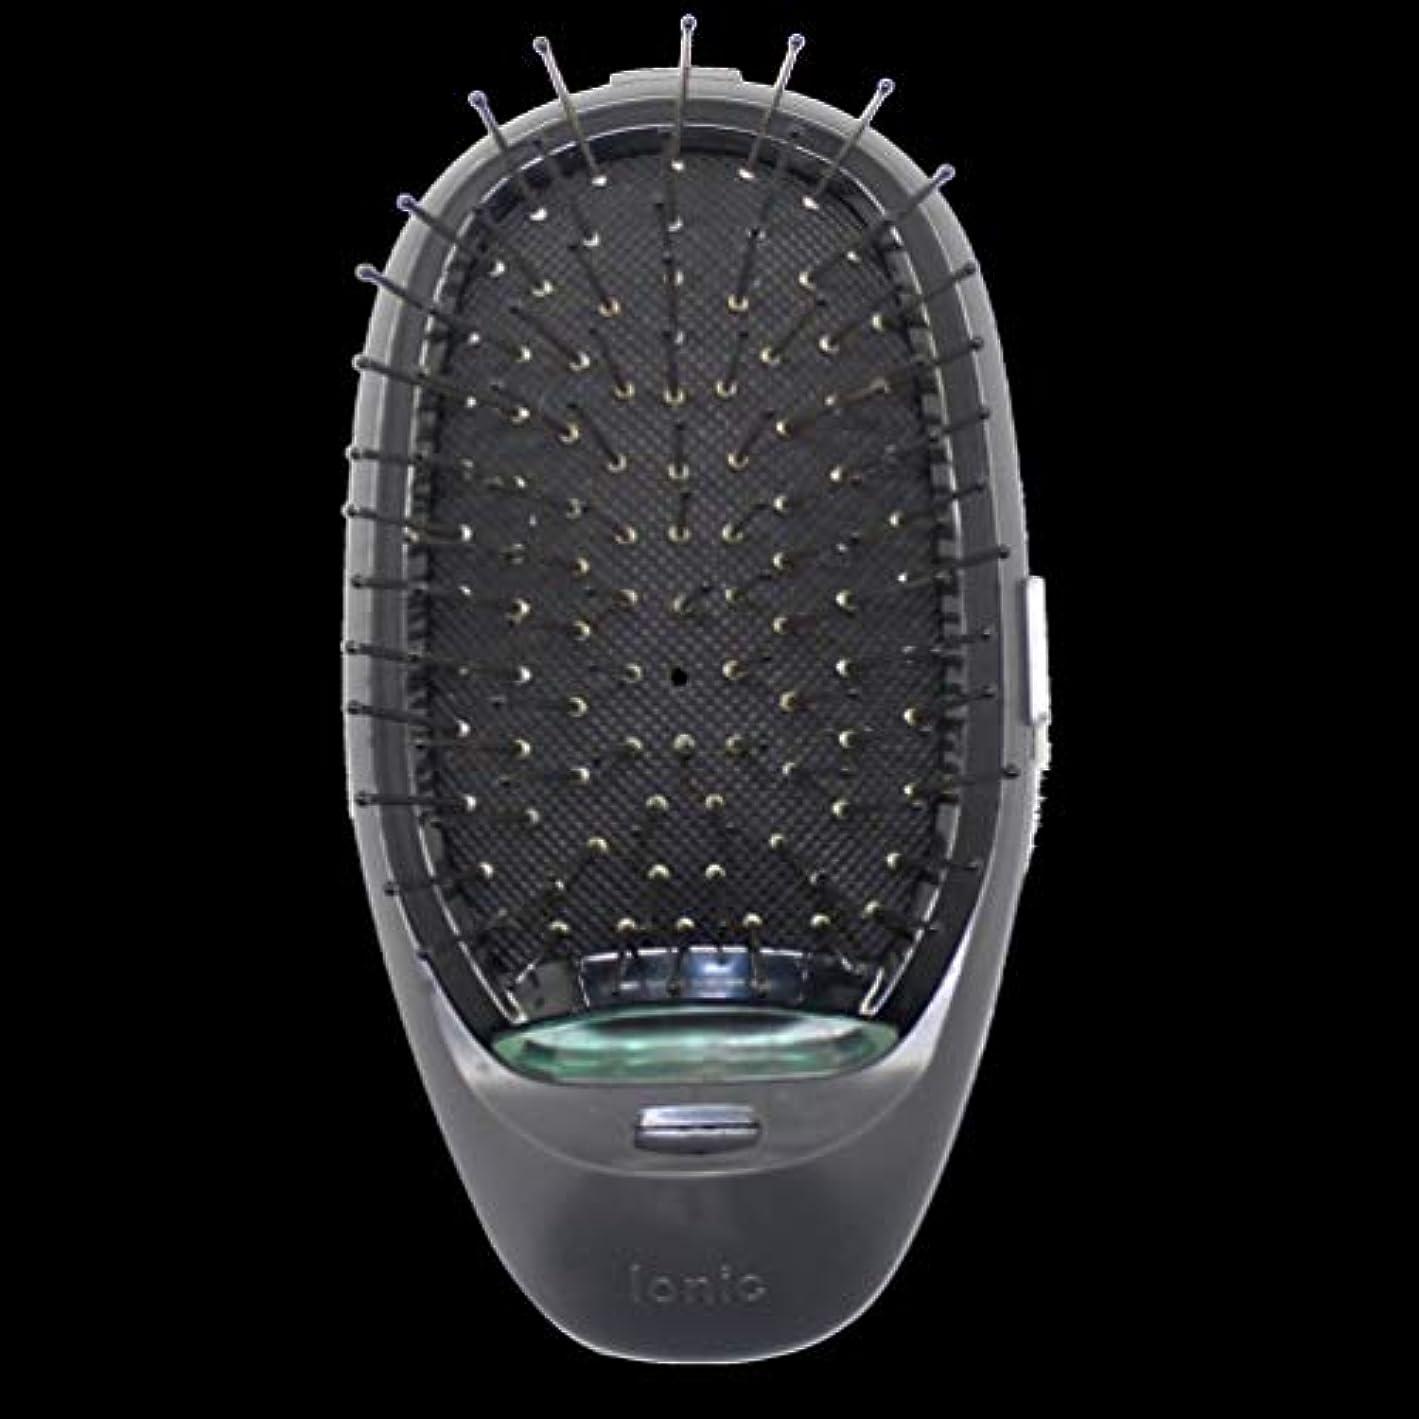 鉄起業家シャープ電動マッサージヘアブラシミニマイナスイオンヘアコム3Dインフレータブルコーム帯電防止ガールズヘアブラシ電池式 - ブラック